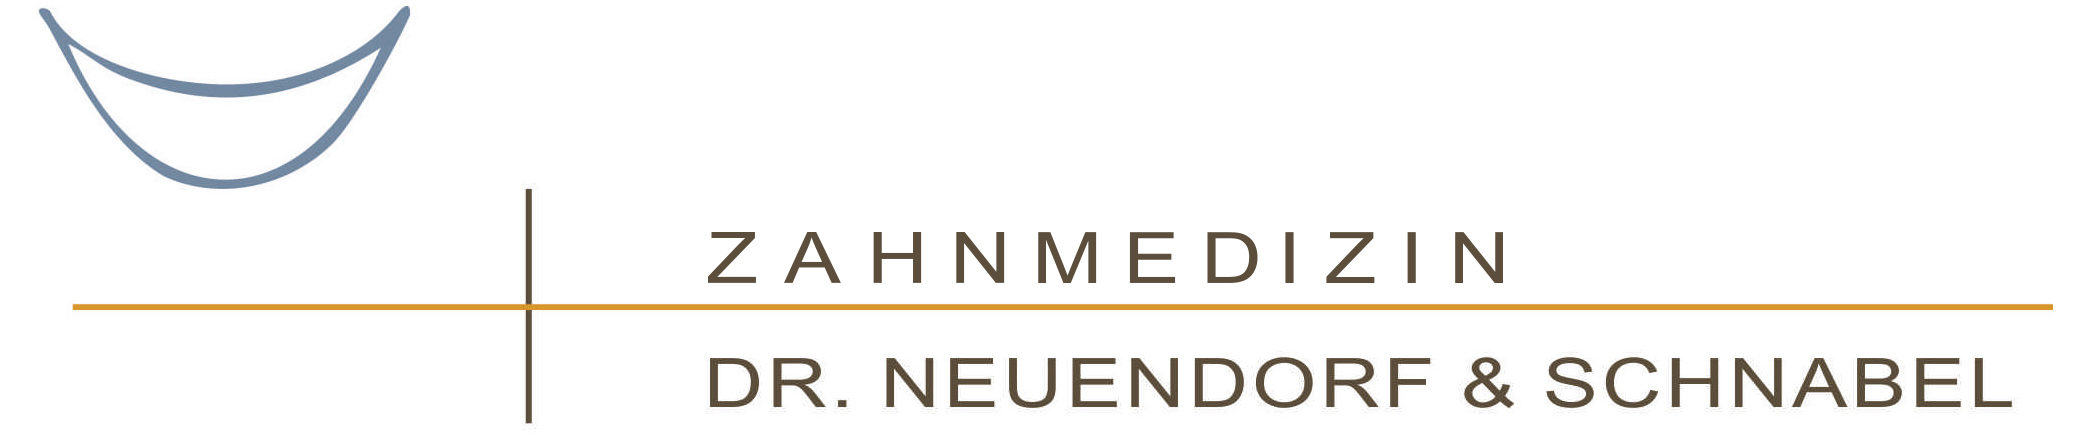 Zahnmedizin Dr. Neuendorf & Schnabel